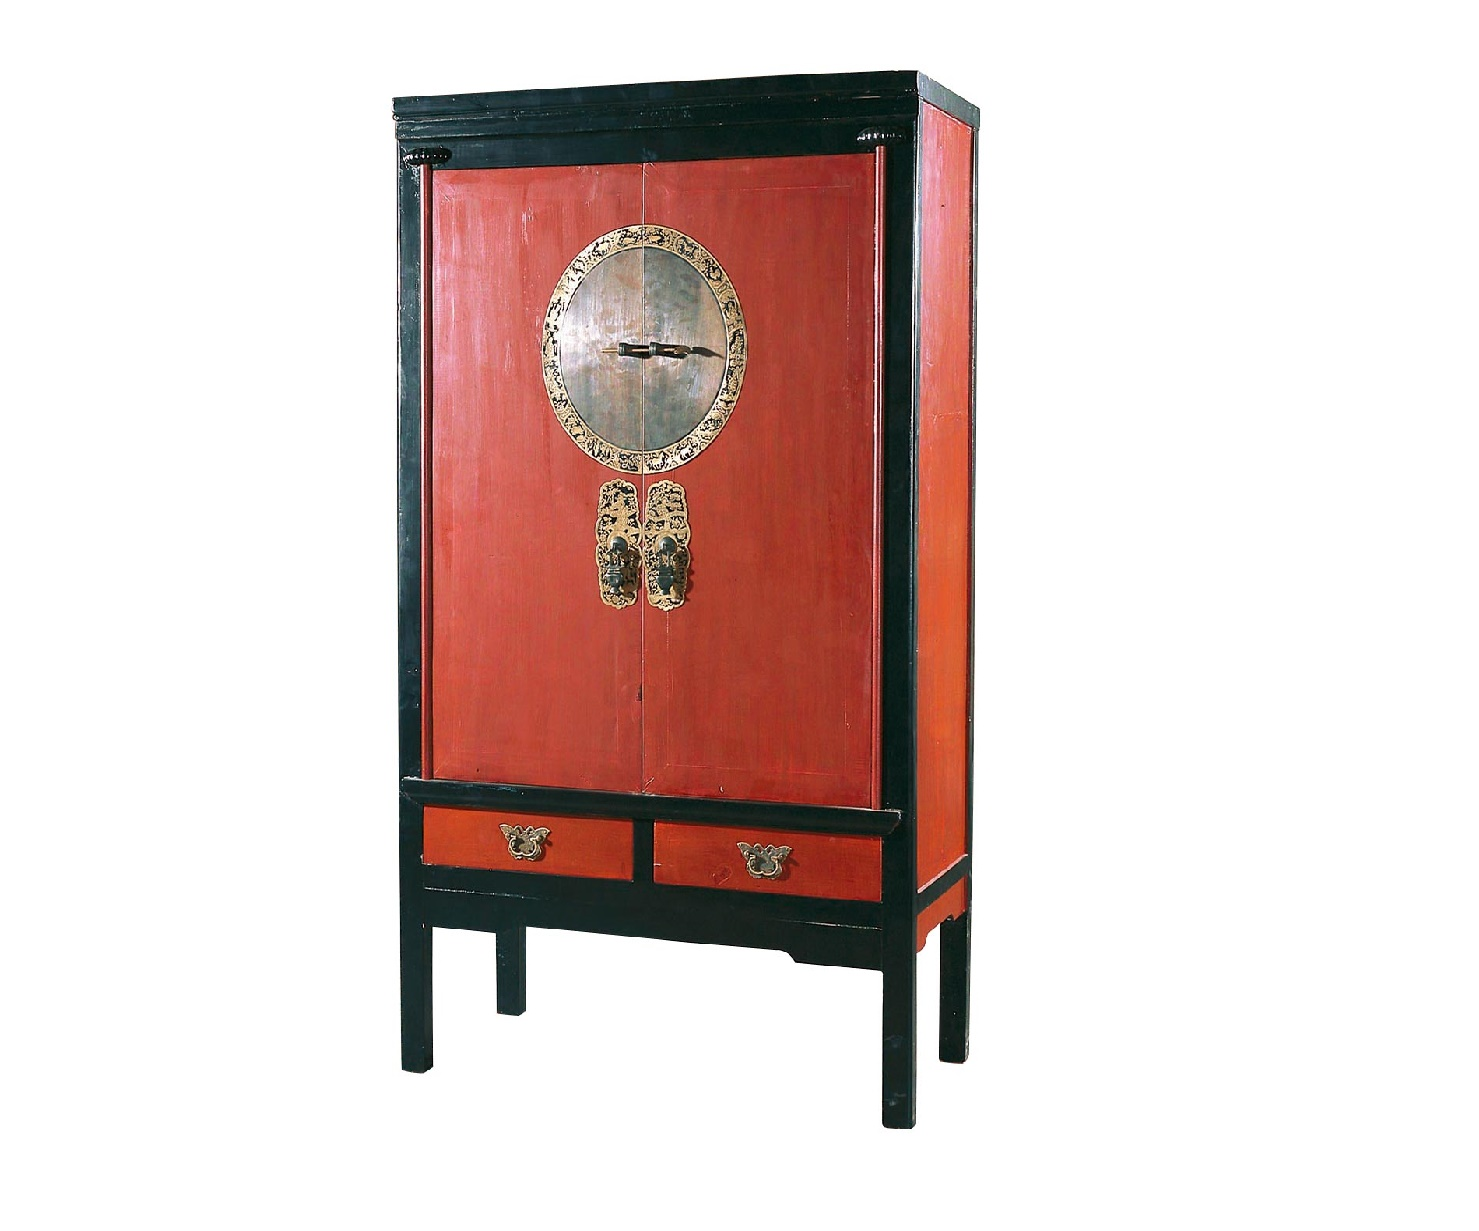 Шкаф ГуйБельевые шкафы<br>Традиционный китайский шкаф &amp;quot;Гуй&amp;quot; использовался в интерьерах жителей поднебесной во времена правления династии Цин. Наших современников он покоряет превосходной геометрией форм и элегантностью оформления. Классическое сочетание красного с черным смотрится очень стильно, а латунные запоры в красивой рамке добавляют дизайну утонченность.<br><br>Material: Дерево<br>Length см: 108<br>Width см: 56<br>Height см: 188